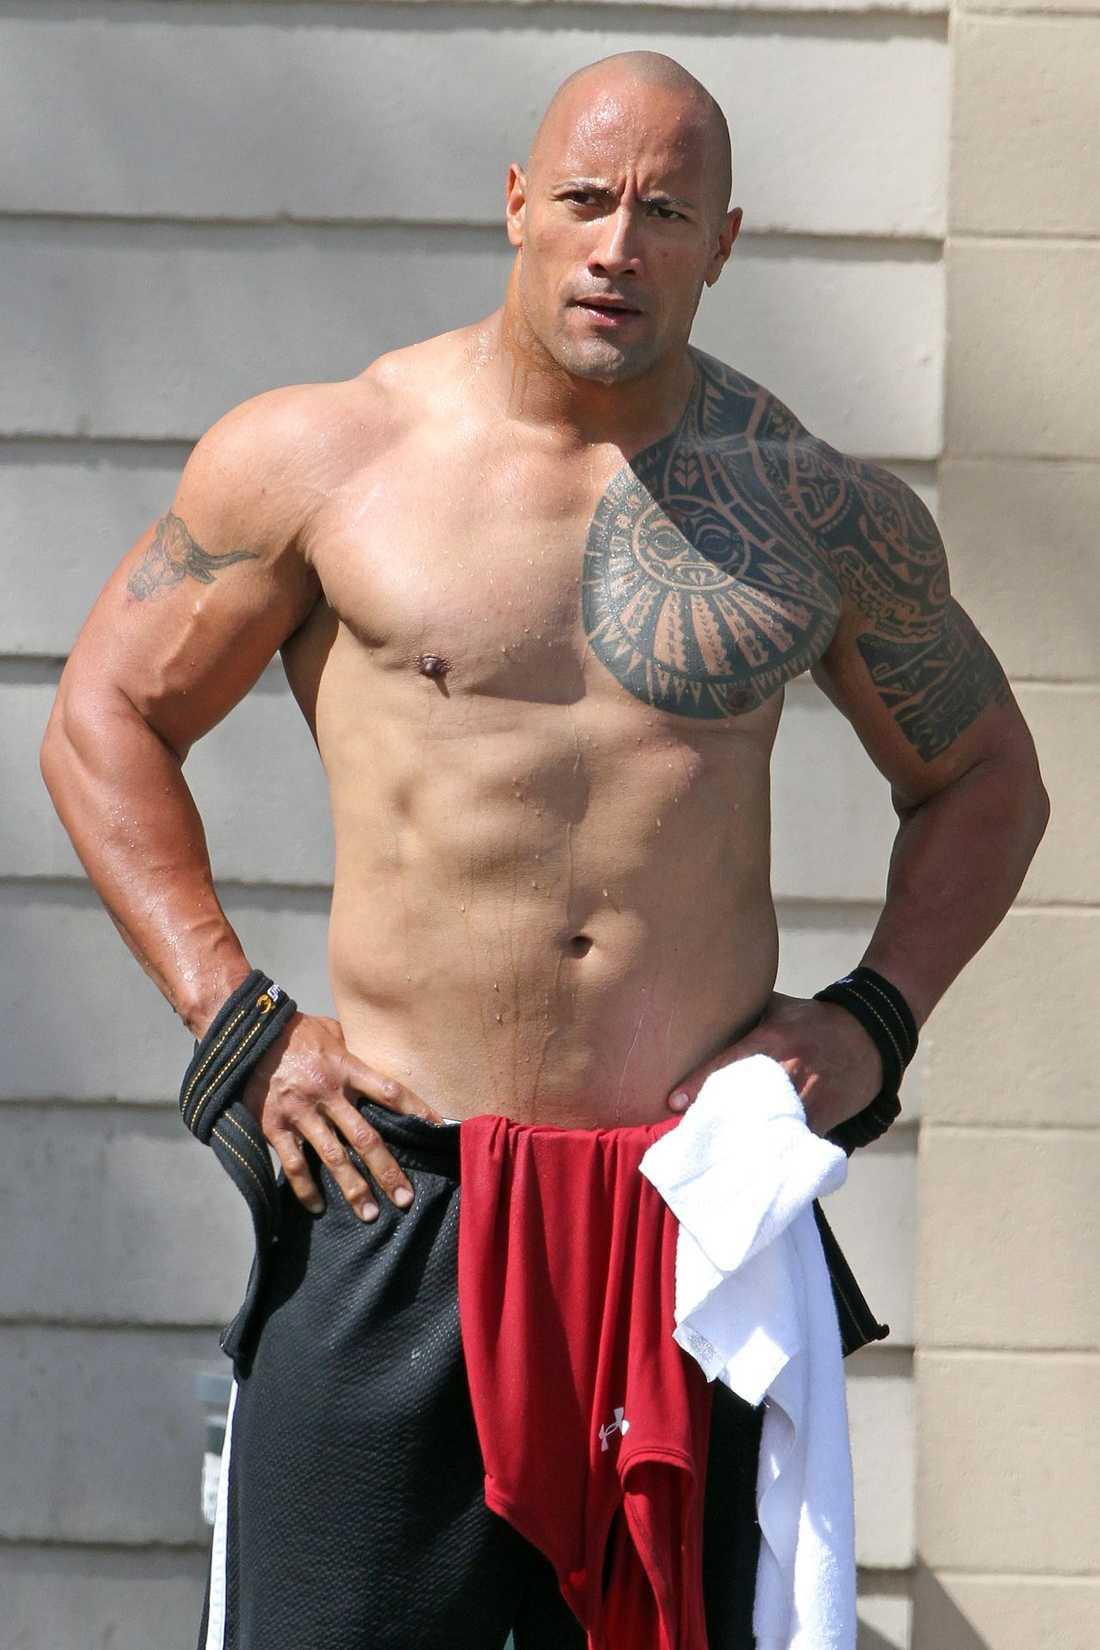 """Så här uppumpad är Dwayne """"The Rock"""" Johnson när han lämnar gymmet. Skådespelaren är på Hawaii och spelar in filmen """"Journey 2: The Mysterious Island"""" med bland andra Vanessa Hudgens."""